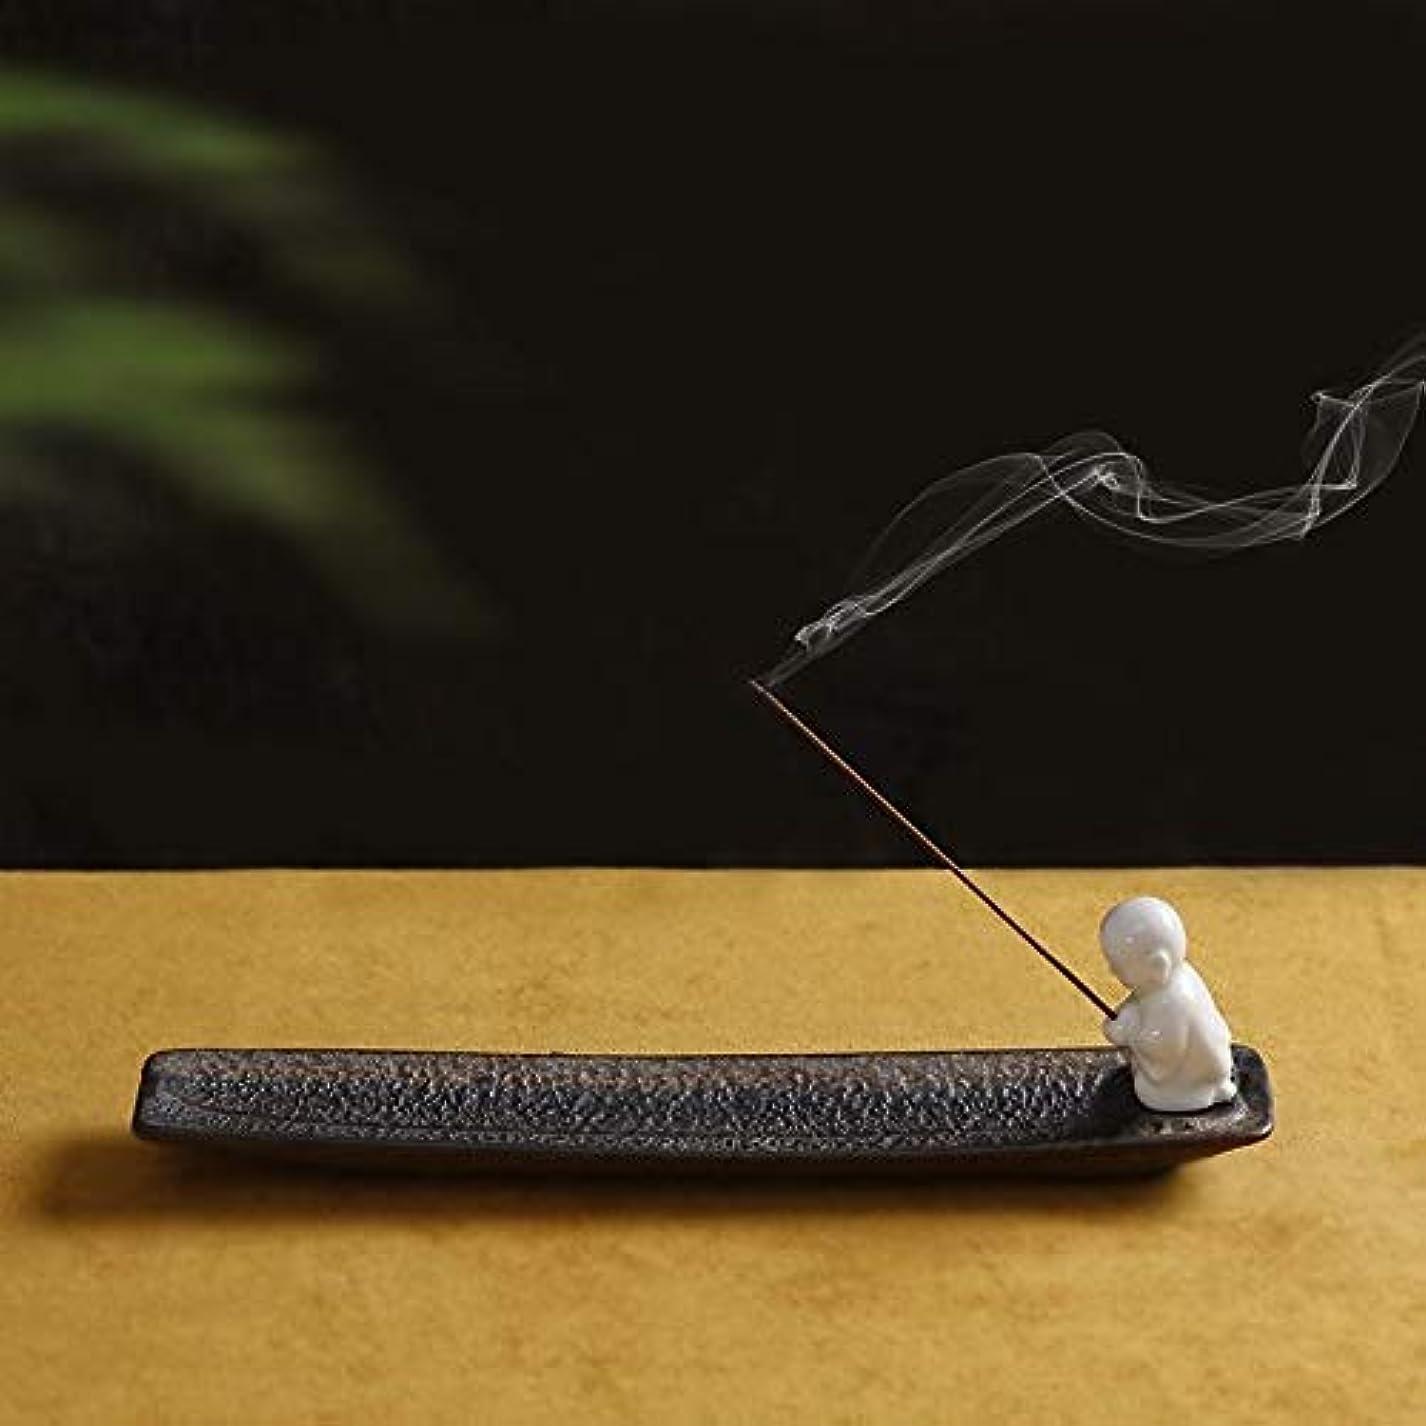 パーチナシティ書き込み脚PHILOGOD 陶器香炉 クリエイティブスタイリング香置物 仏壇用線香立て 香皿